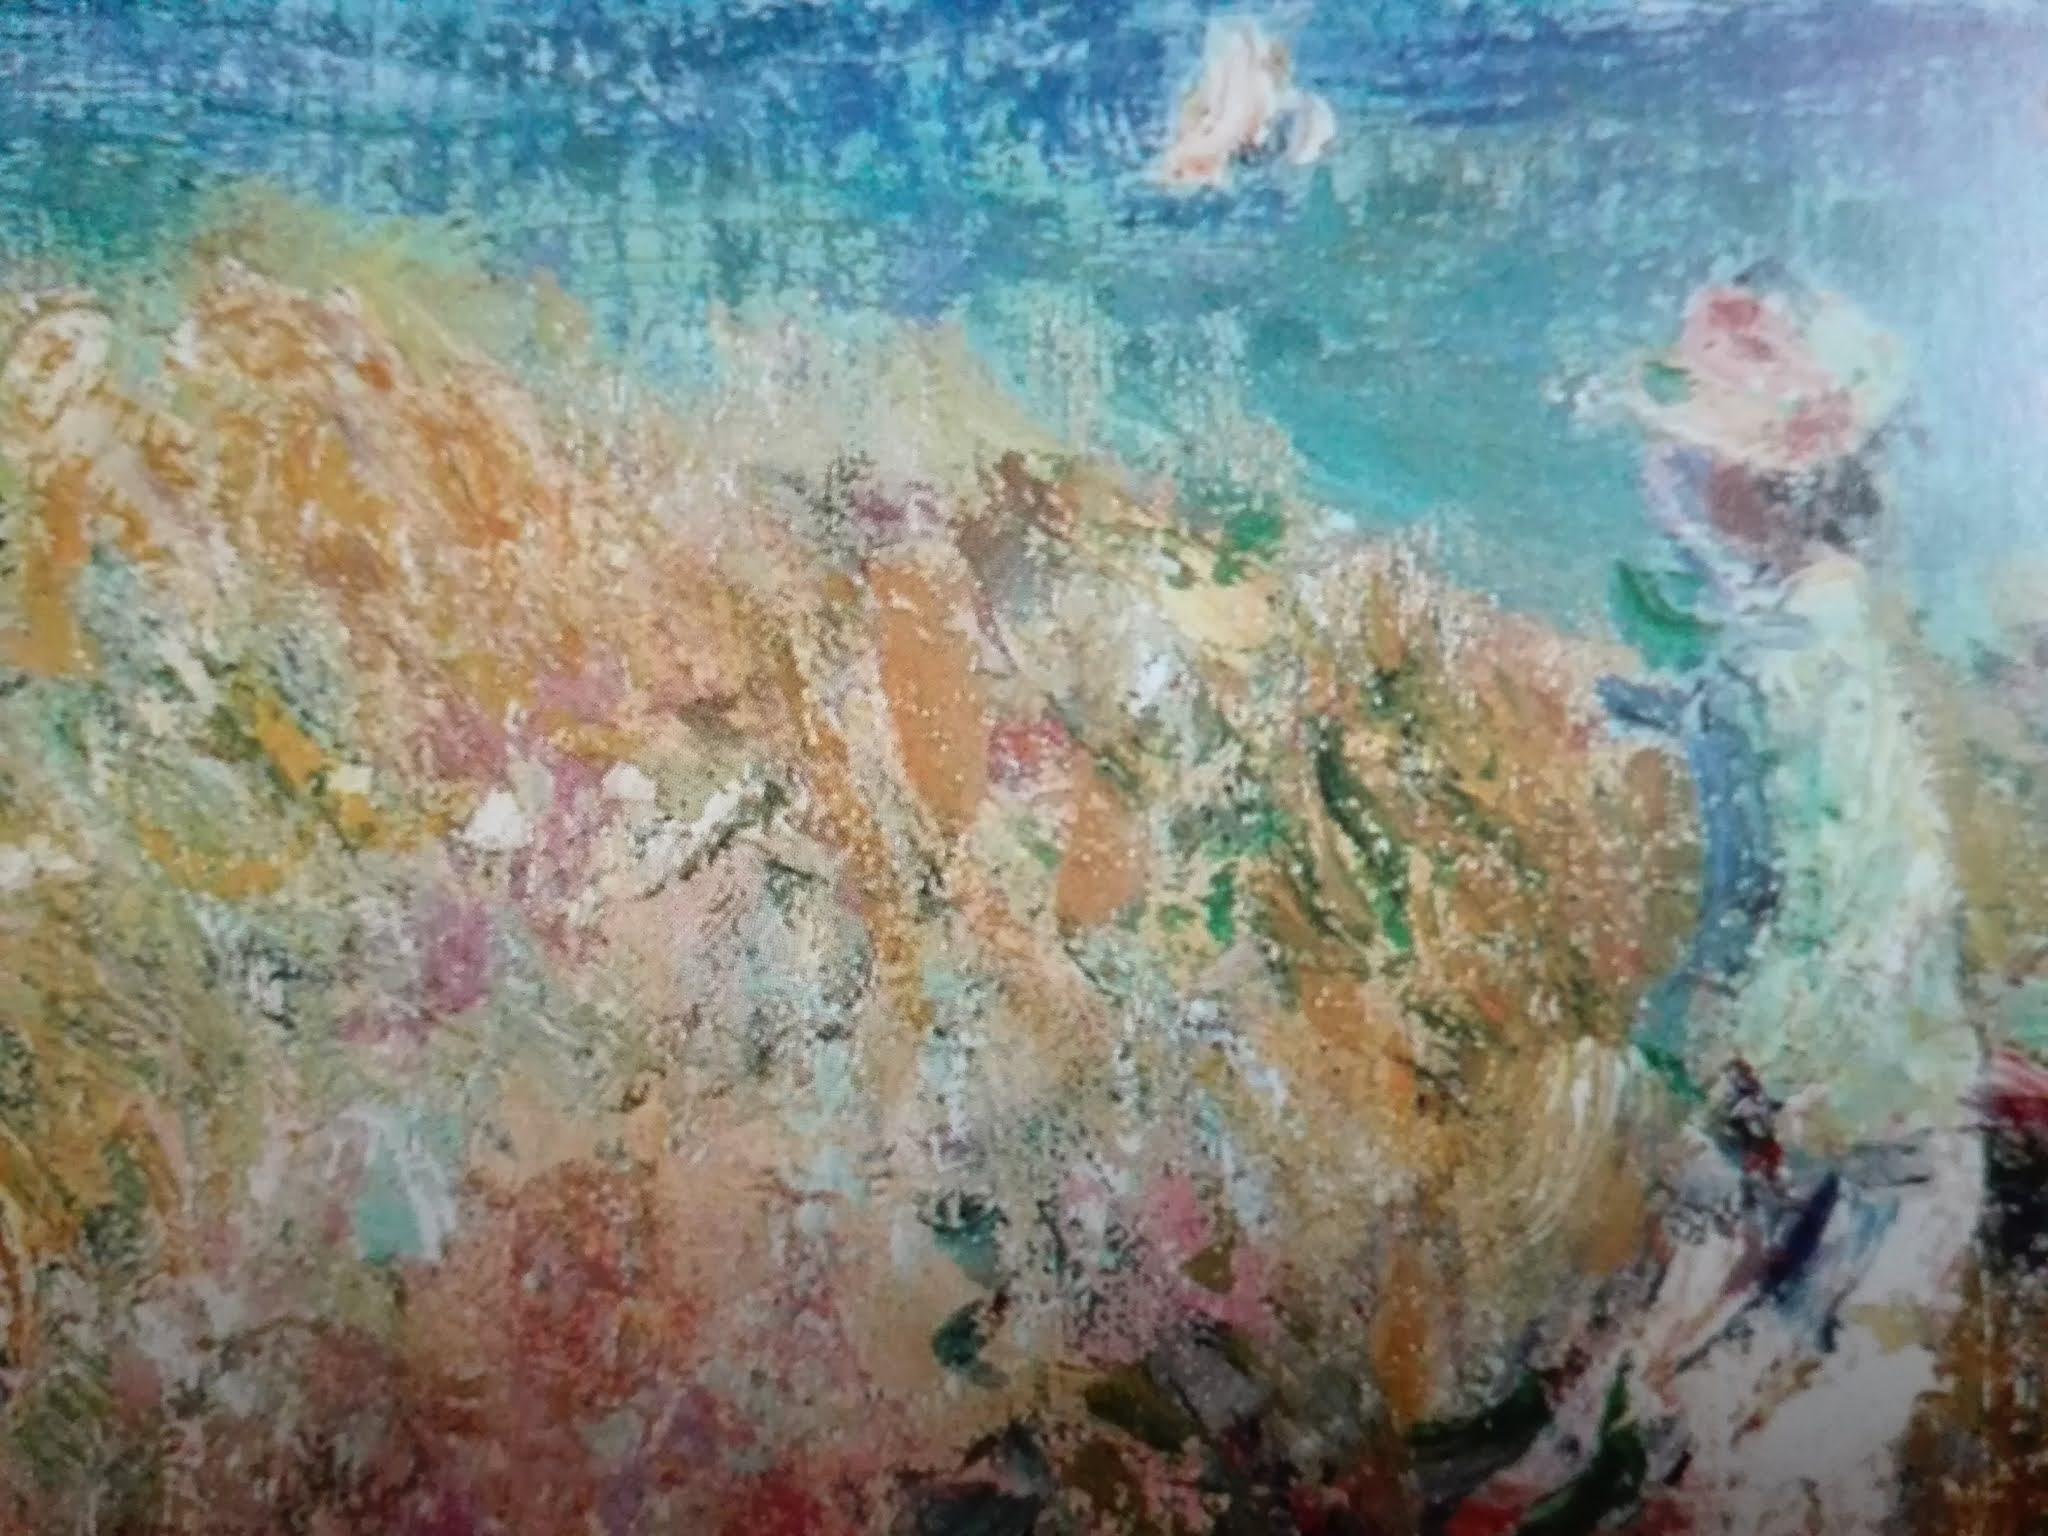 Ecco 5 consigli per dipingere un quadro anche se credi di non avere talento! Artistah24 It Come Dipingere Un Quadro Impressionista Tecnica E Metodo